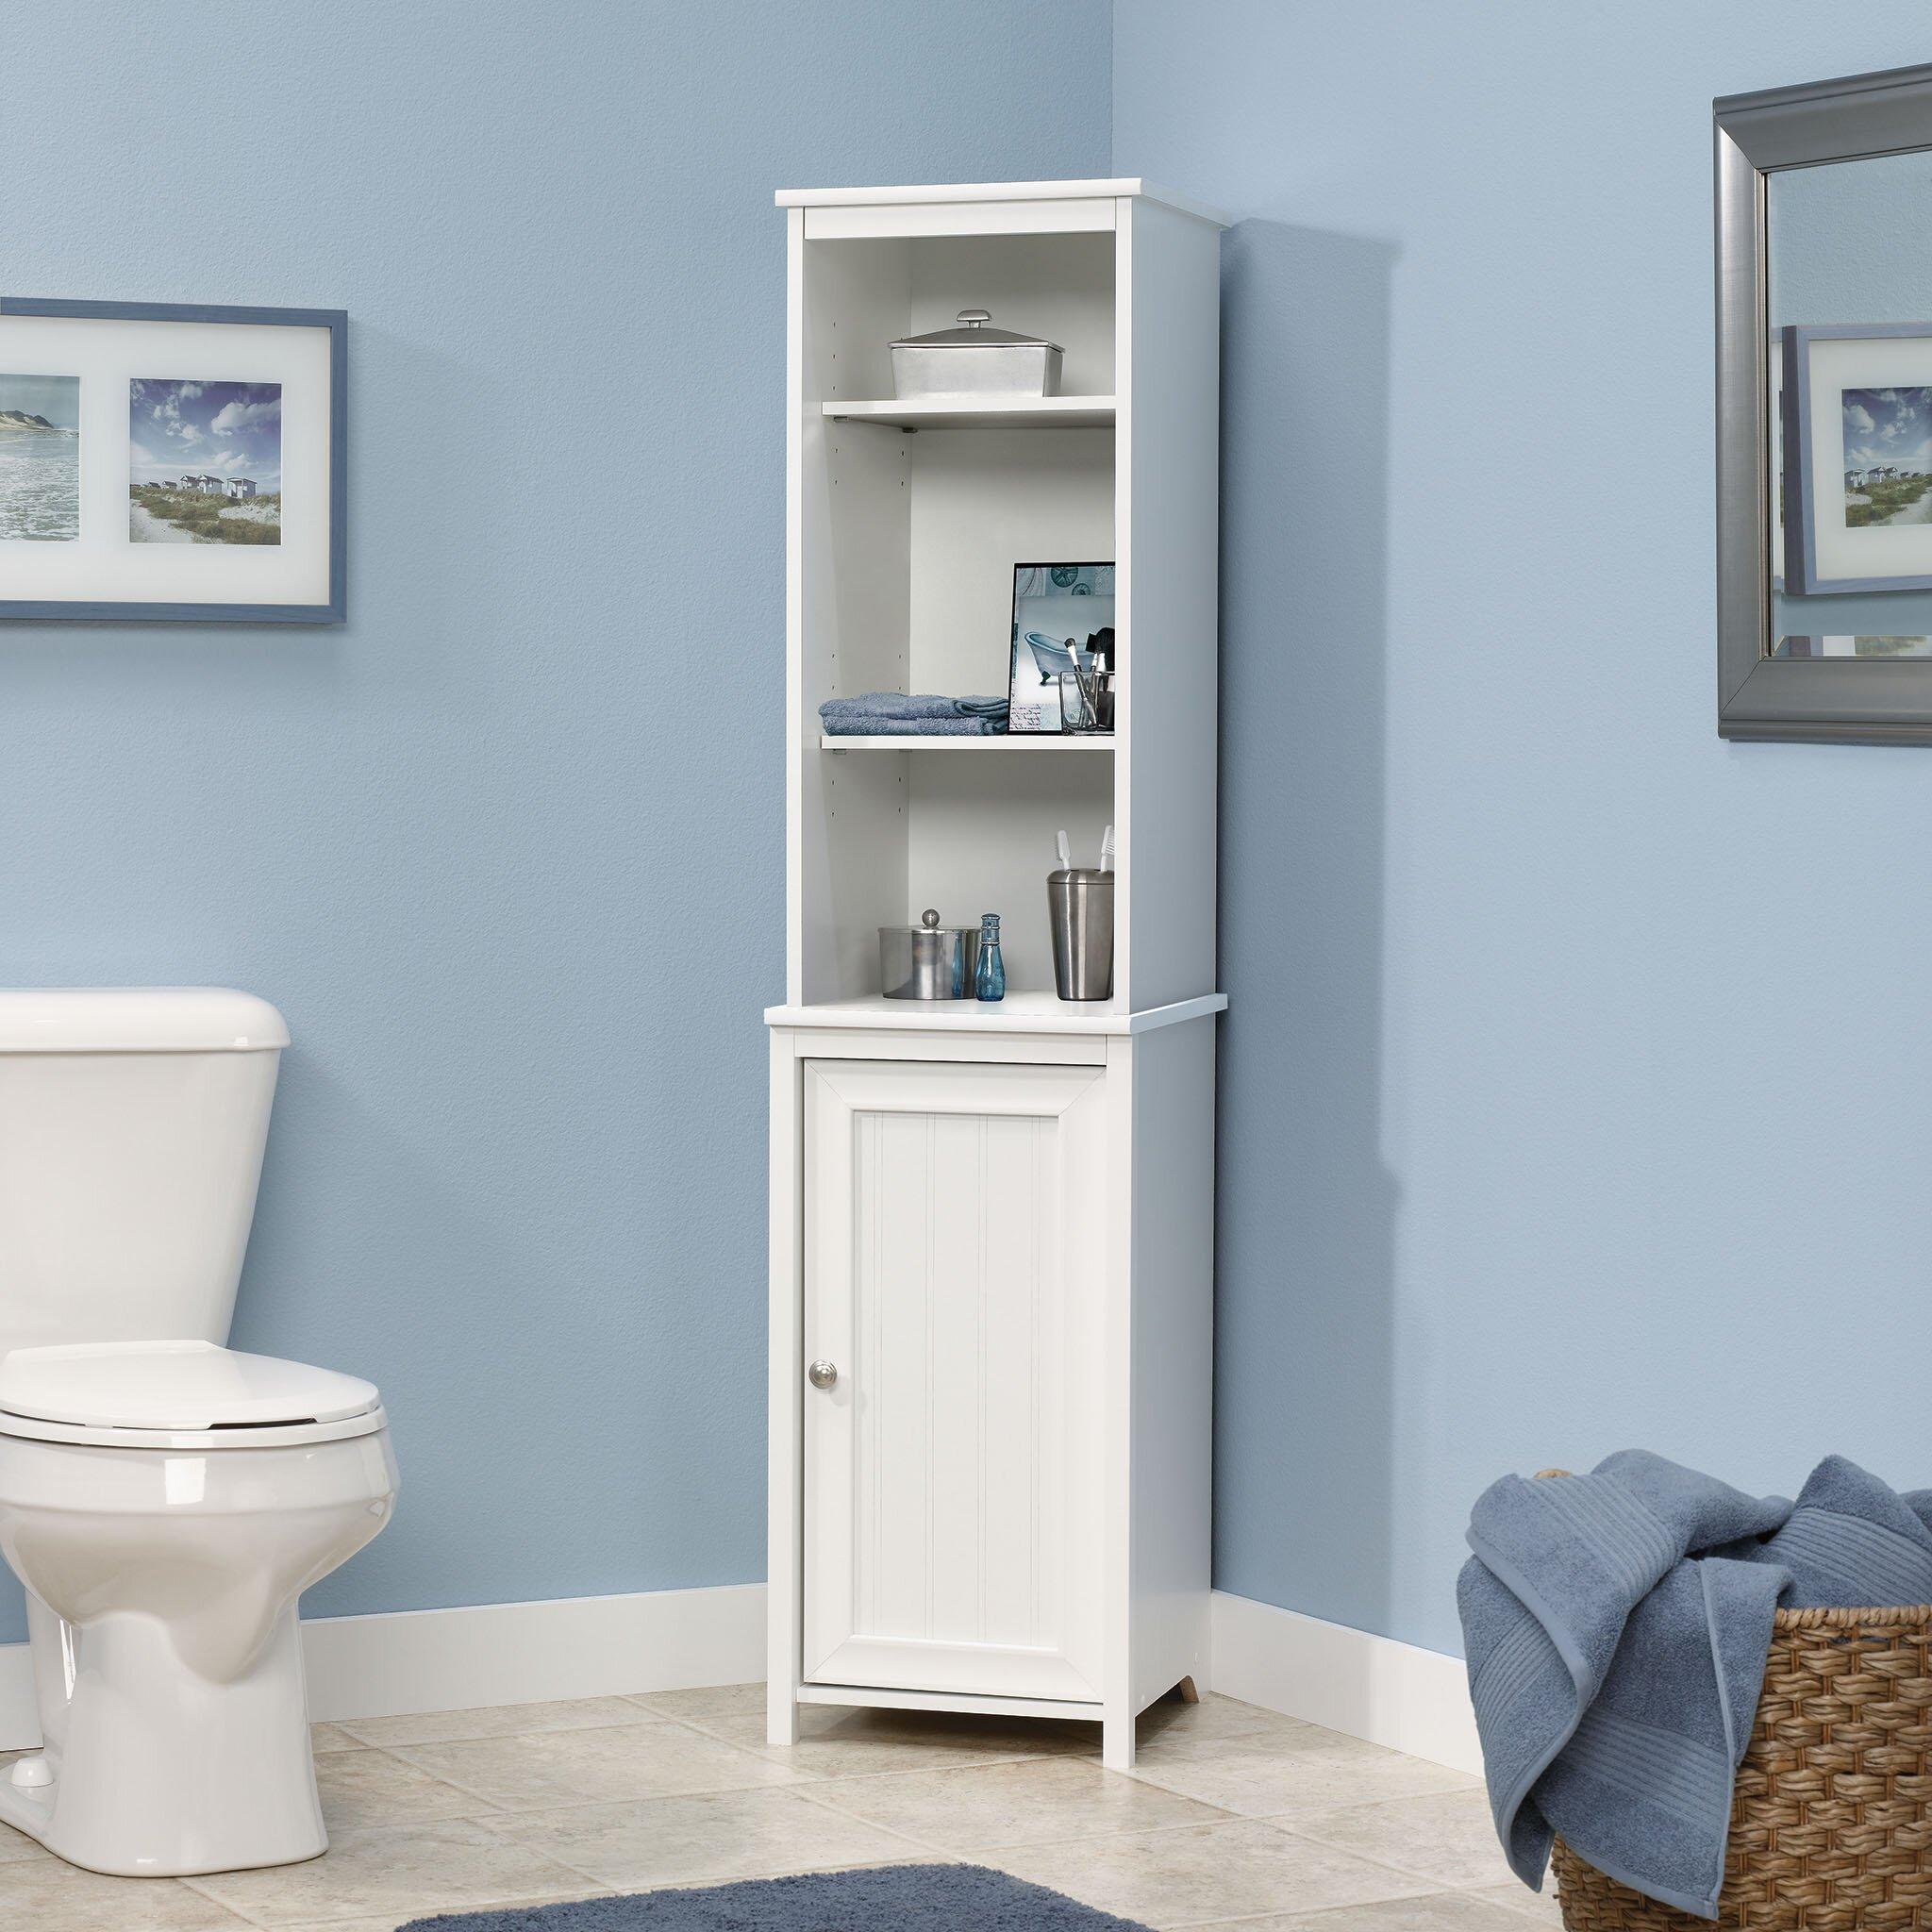 Pinecrest x freestanding linen tower wayfair - Freestanding bathroom linen closet ...